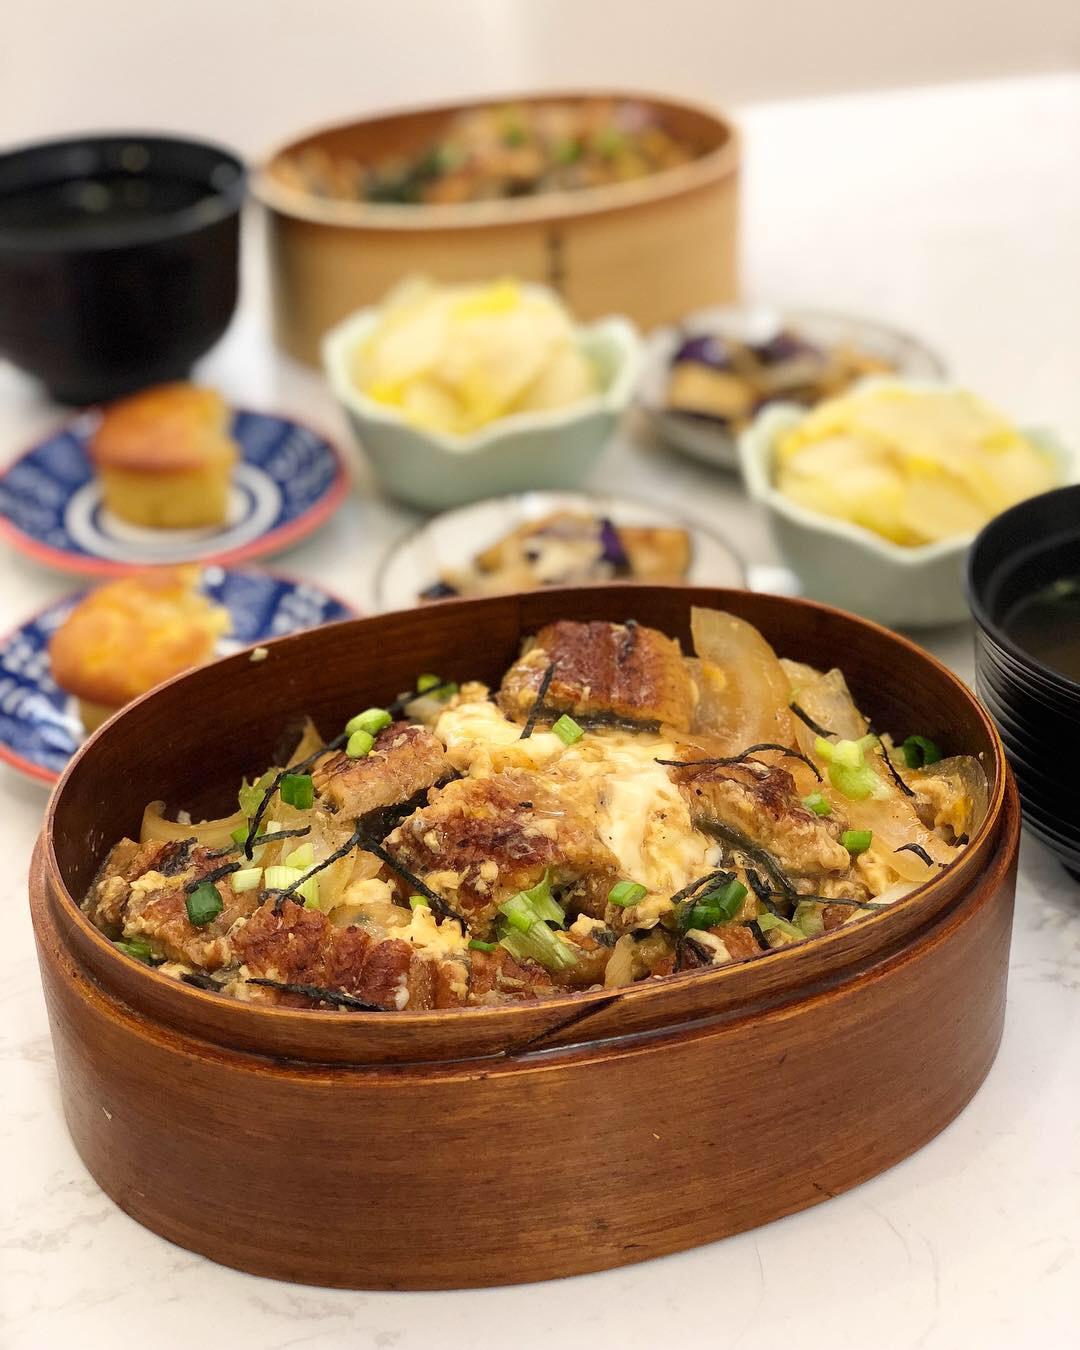 鰻魚玉子丼